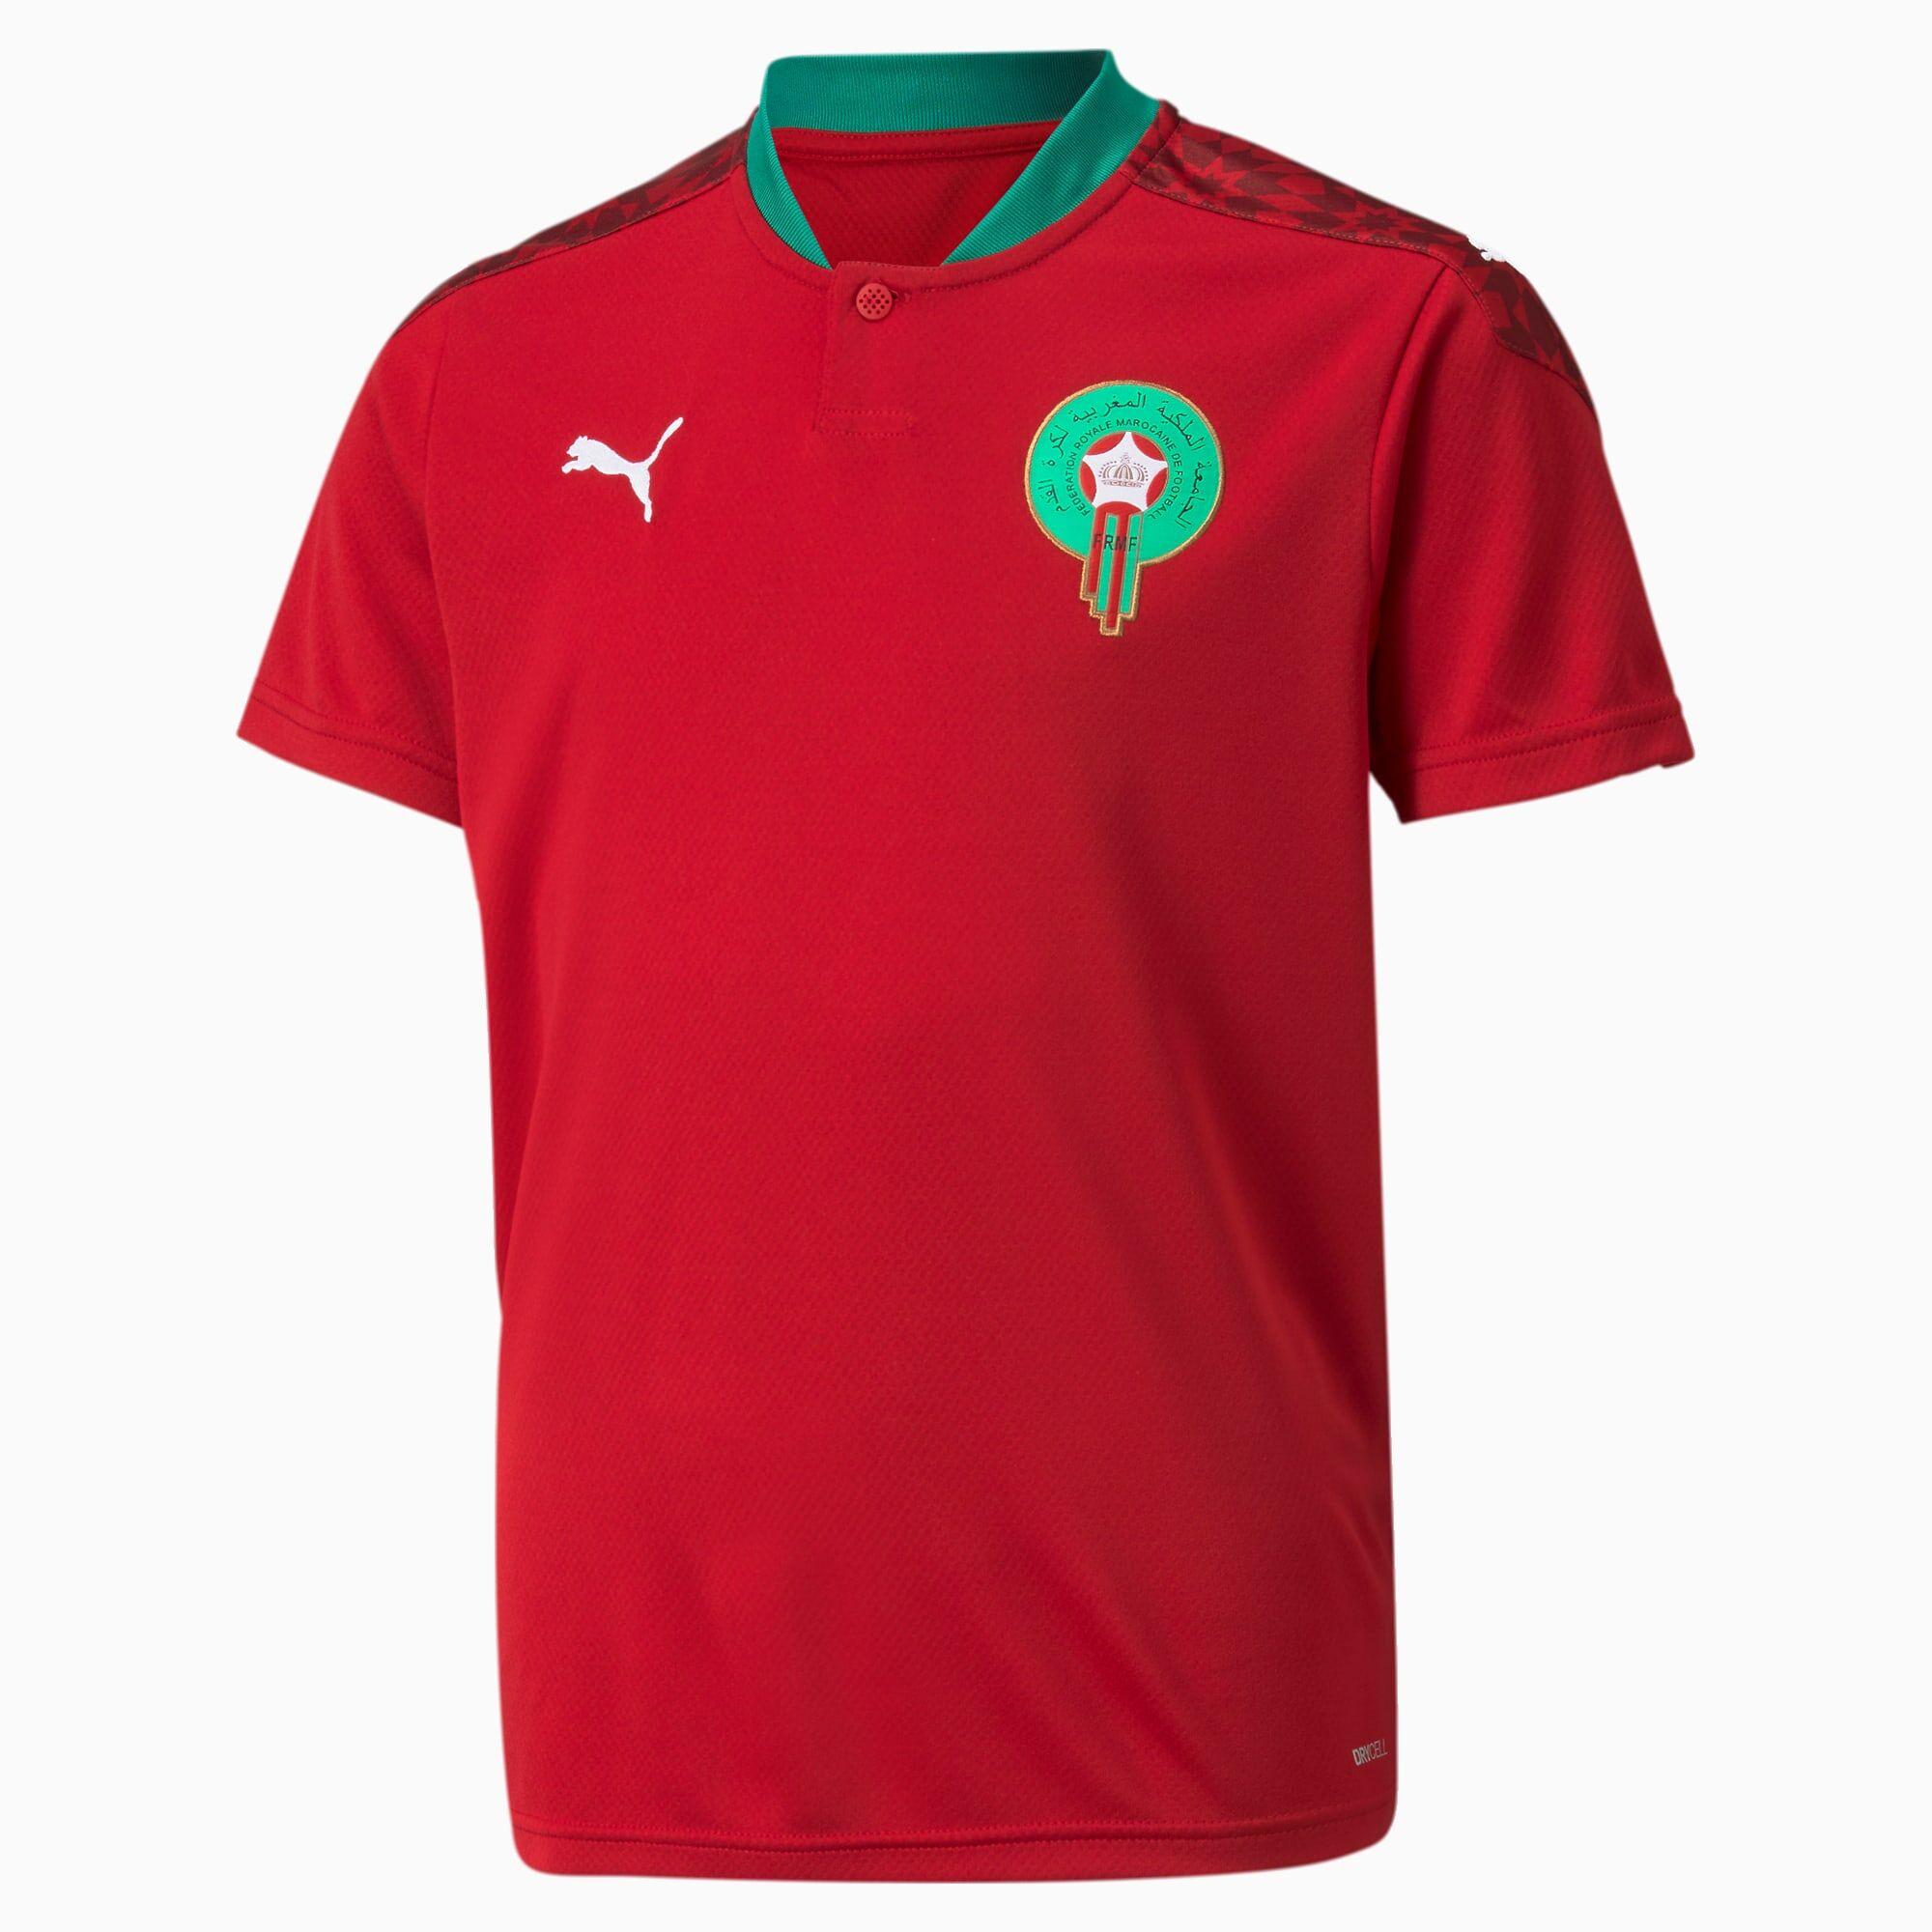 PUMA Maillot Domicile Maroc Youth Replica pour Enfant, Rouge/Blanc, Taille 176, Vêtements